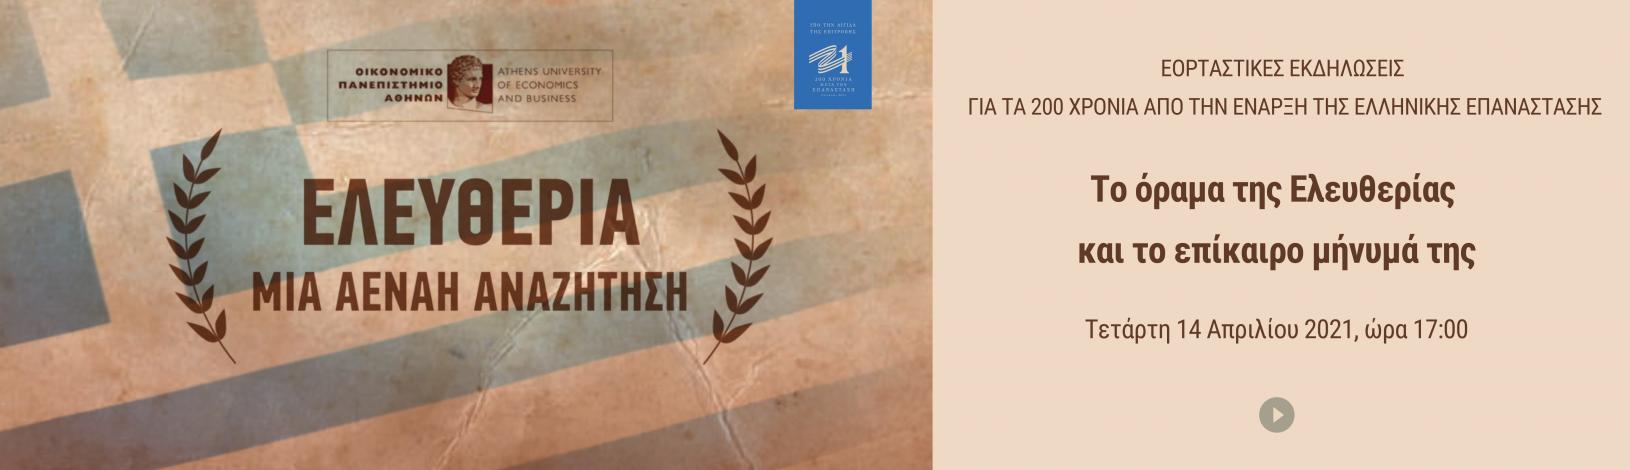 Εορταστικές Εκδηλώσεις για τα 200 χρόνια από την έναρξη της Ελληνικής Επανάστασης